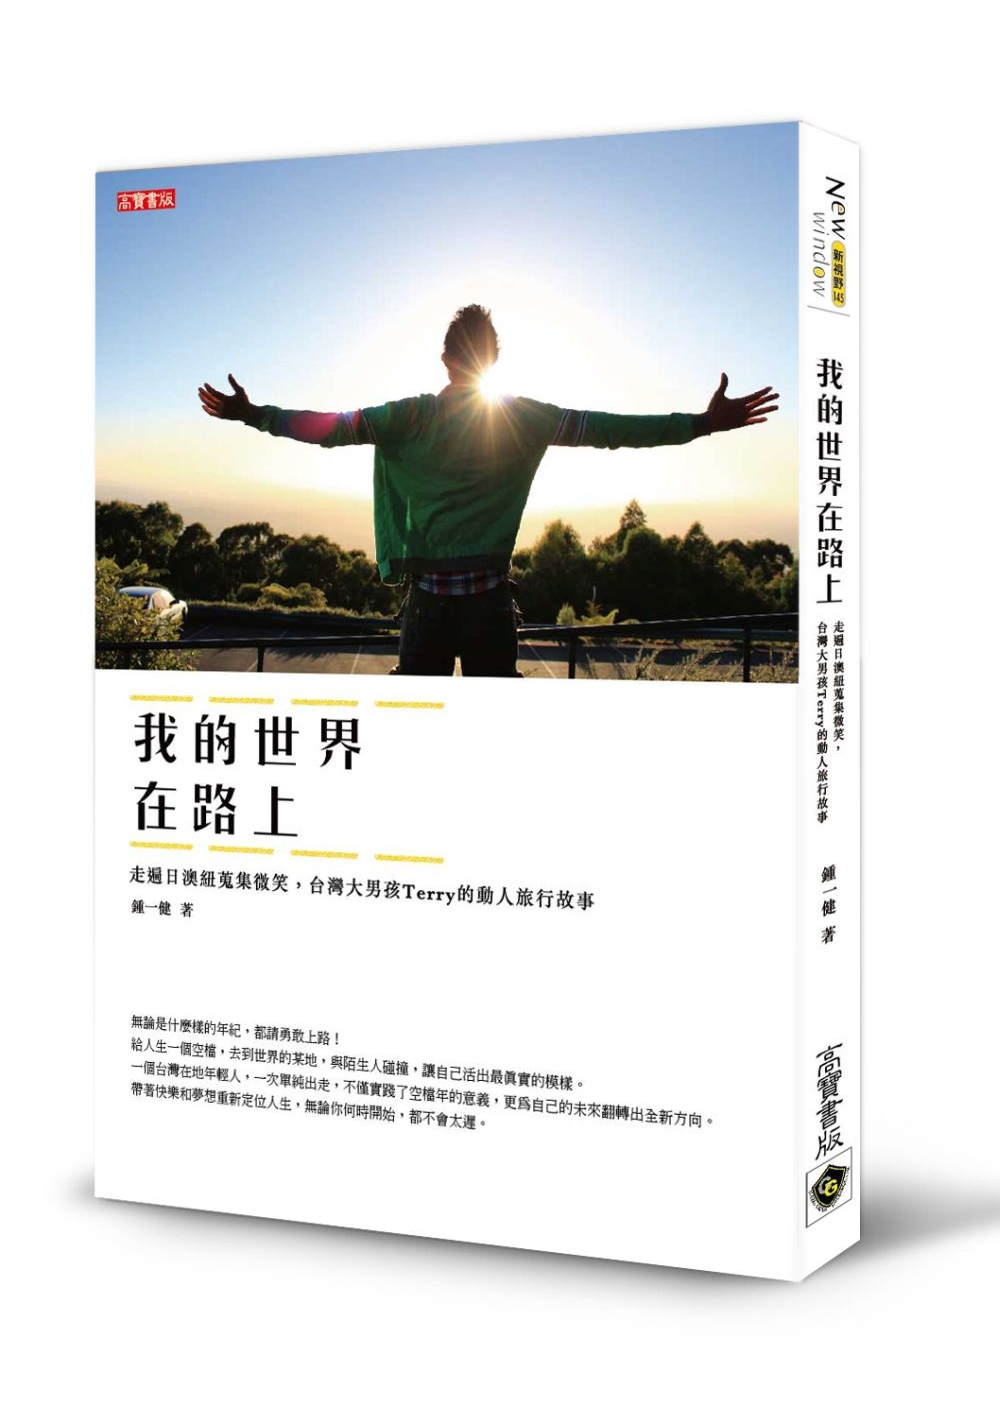 我的世界在路上:走遍日澳紐蒐集微笑,台灣大男孩Terry的動人旅行故事